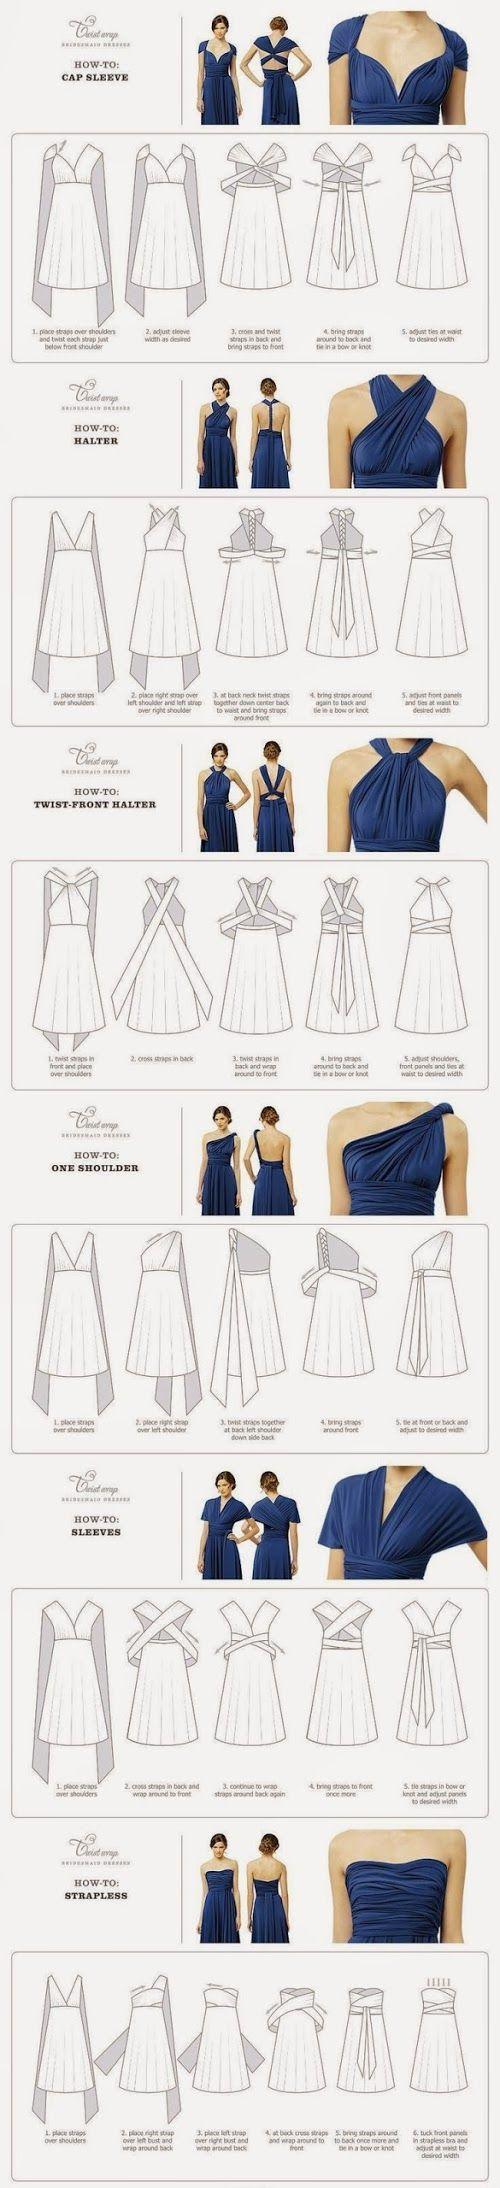 6 ways to wear a wrap / convertible dress #wrapdress #convertibledress